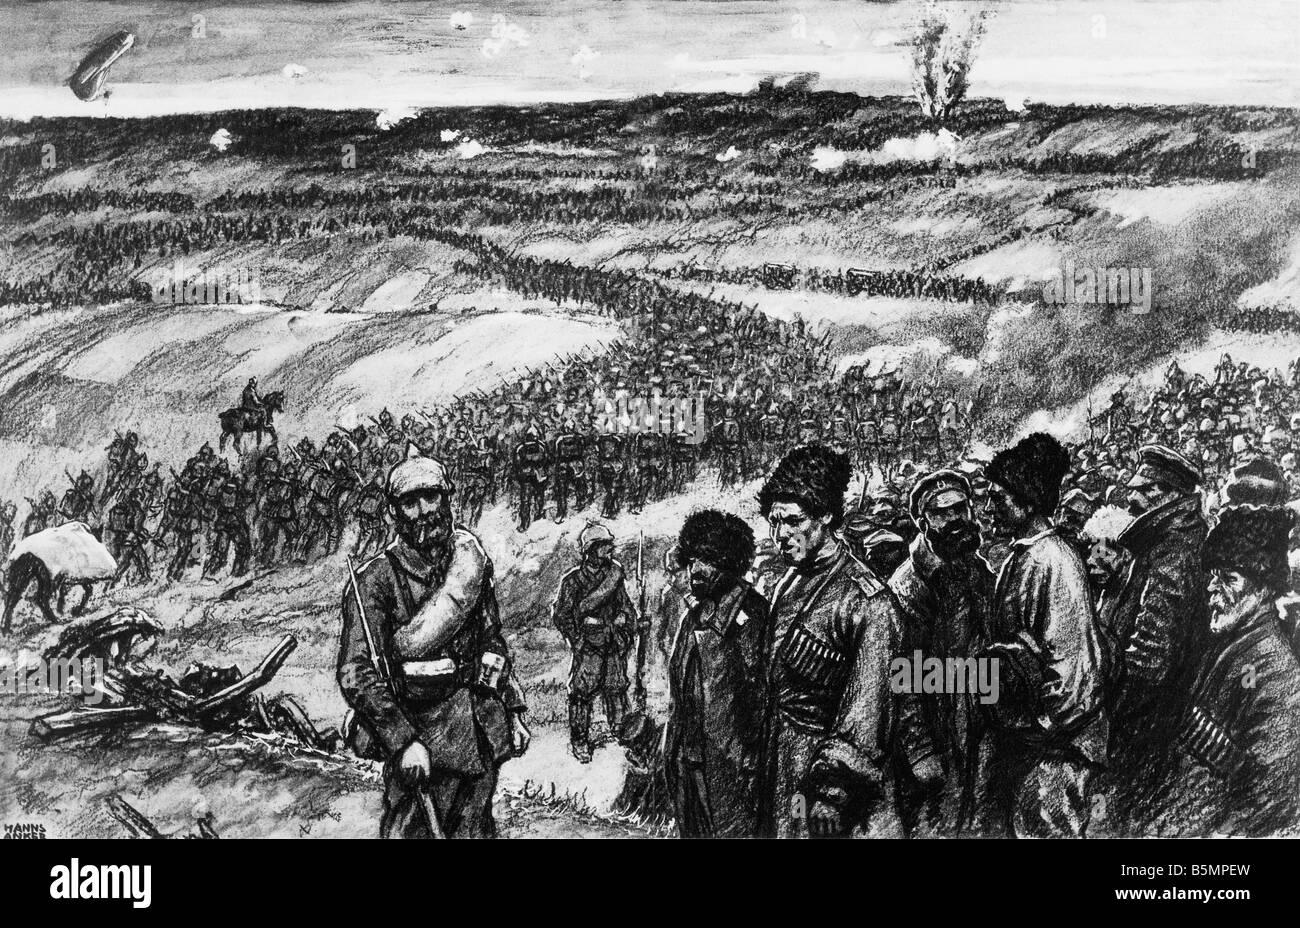 tannenberg battle 1914 ile ilgili görsel sonucu